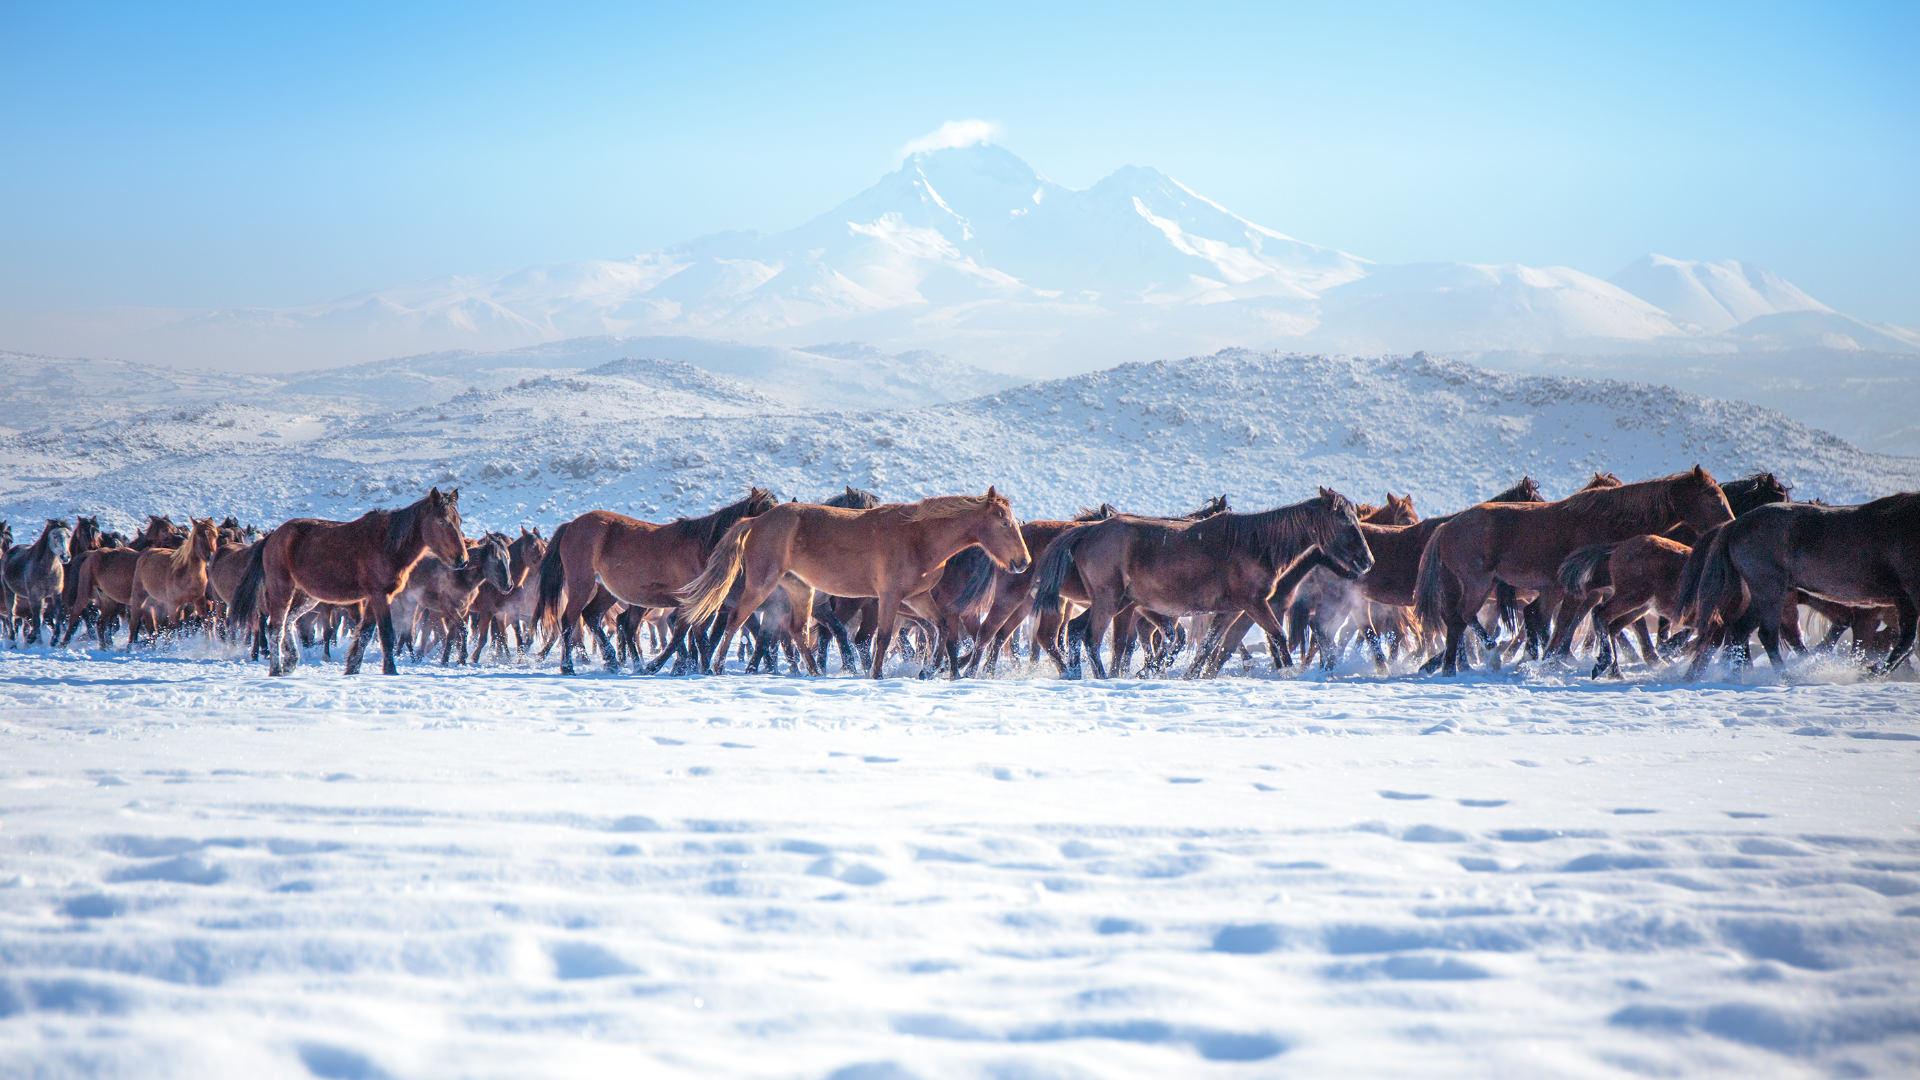 Kış Büyüsü:Türkiye'de Görülmesi Gereken Yerler